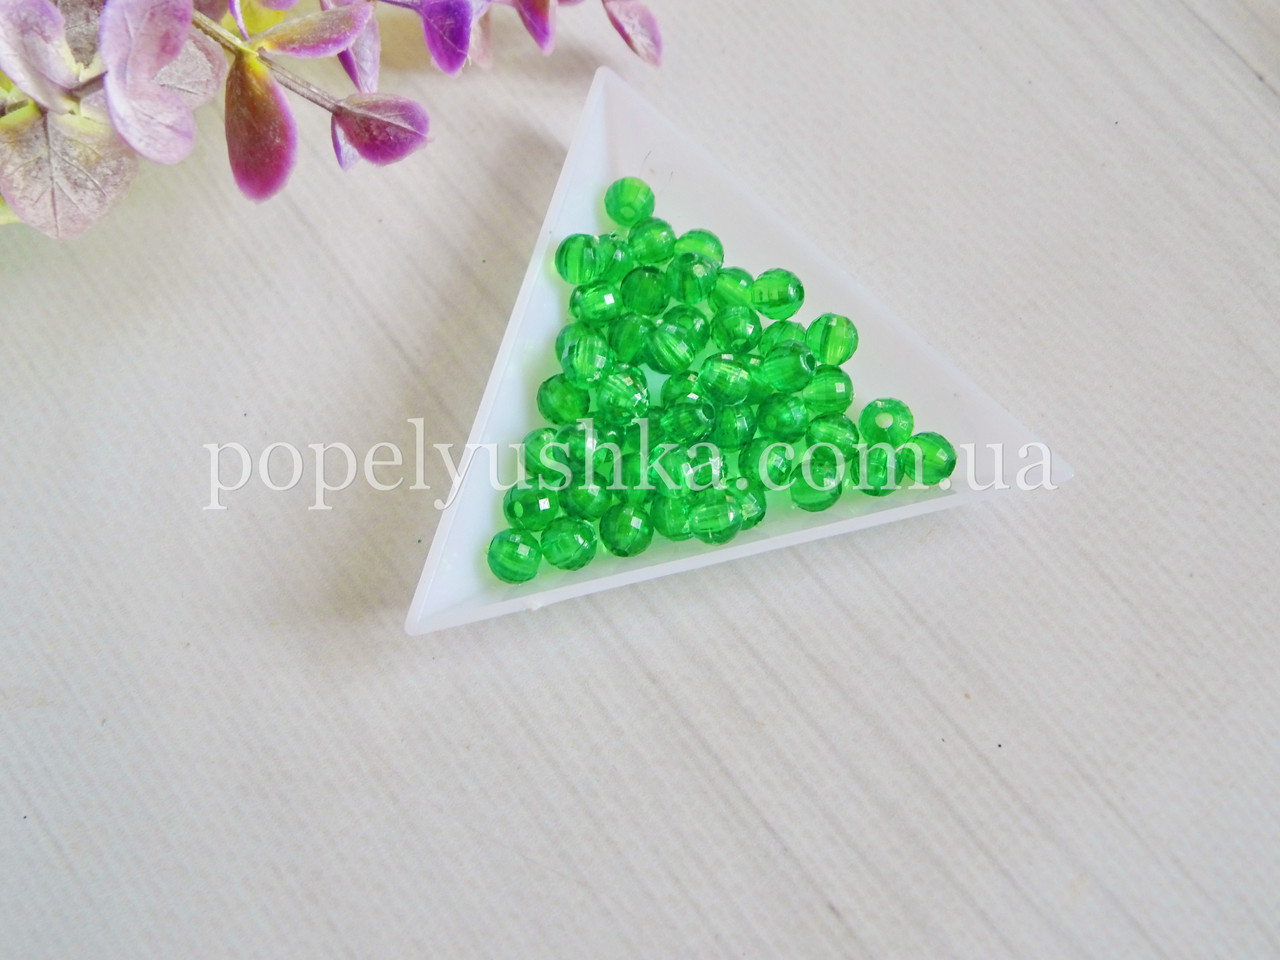 Бусины граненые круглые акрил зеленые 6 мм (50 шт.)